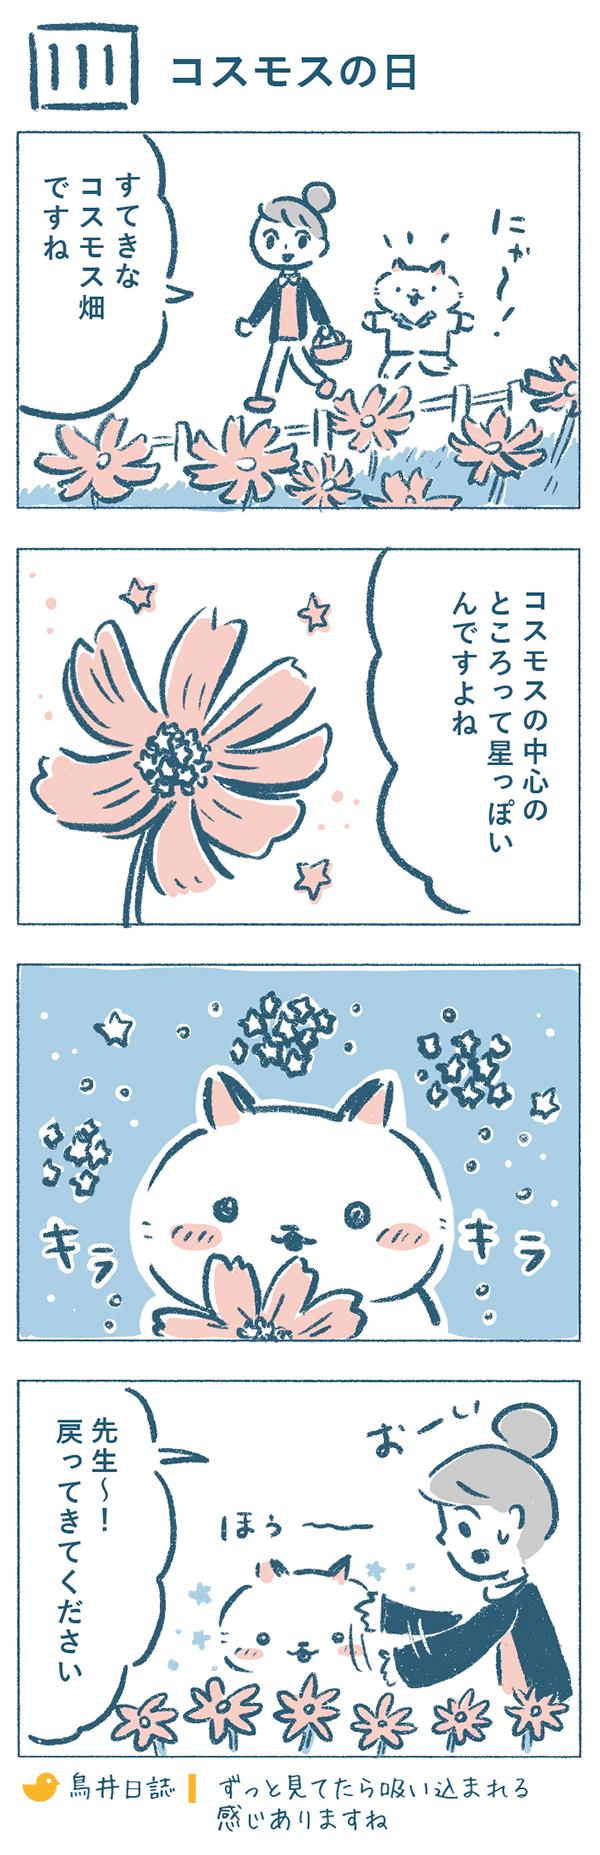 散歩中、コスモス畑を見つけた奈央子とねこやま先生。奈央子が、「コスモスの中心のところって星っぽいんですよね。」というと、ねこやま先生は、じっと花を観察し始めました。キラキラを眺めるうちに、吸い込まれるような感覚があり、「先生~!戻ってきてください」と言われてしまう奈央子なのでした。